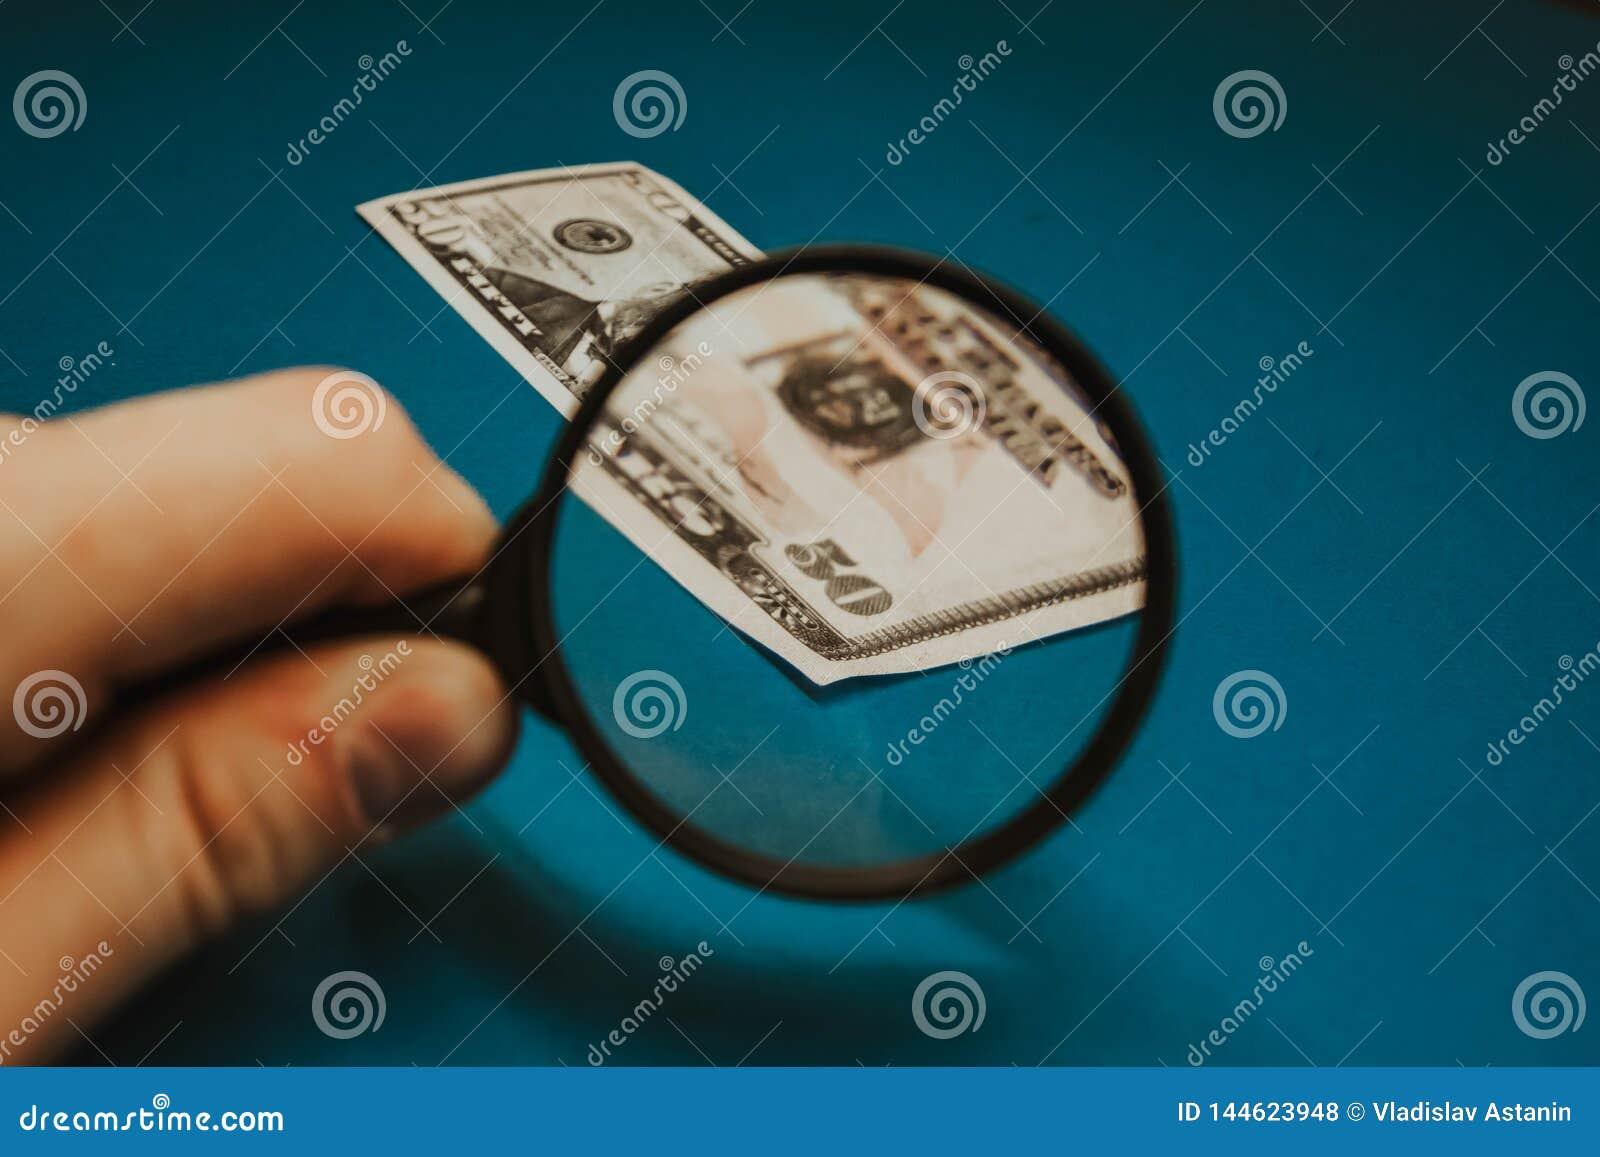 Λογαριασμός πενήντα δολαρίων σε ένα μπλε υπόβαθρο που μελετάται μέσω μιας ενίσχυσης - γυαλί